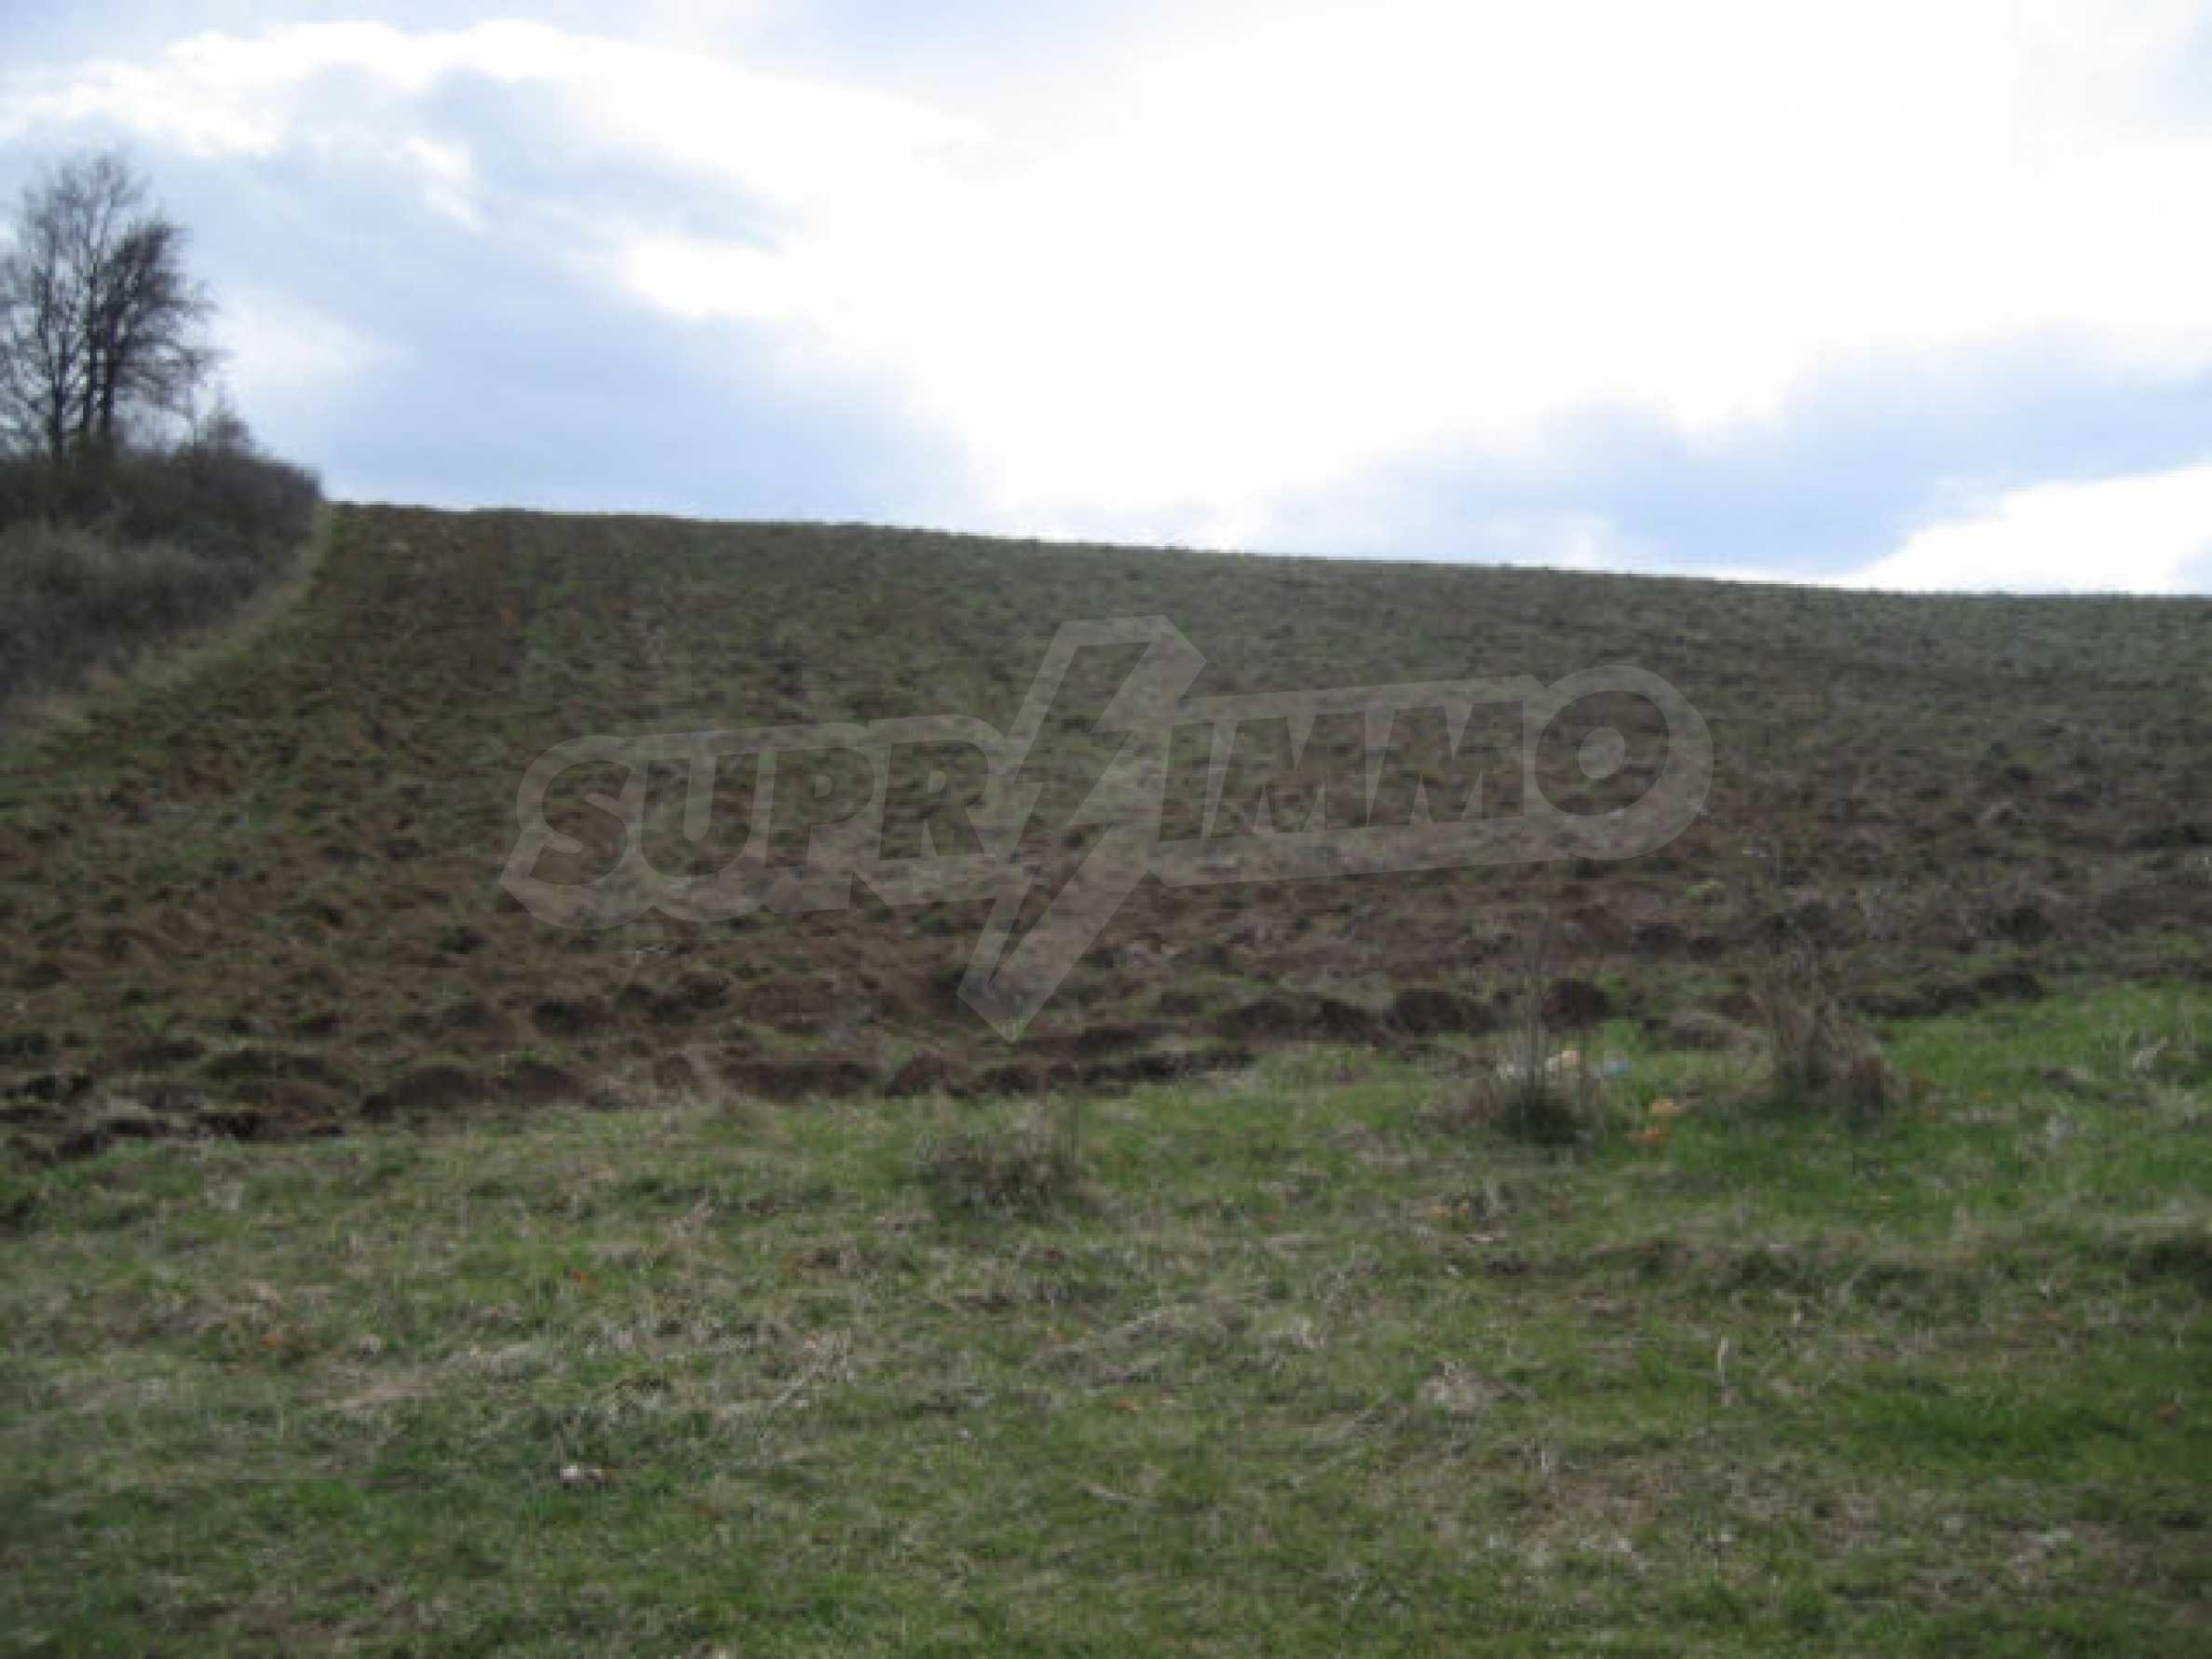 Three neighbouring plots of land in Rudartsi 2